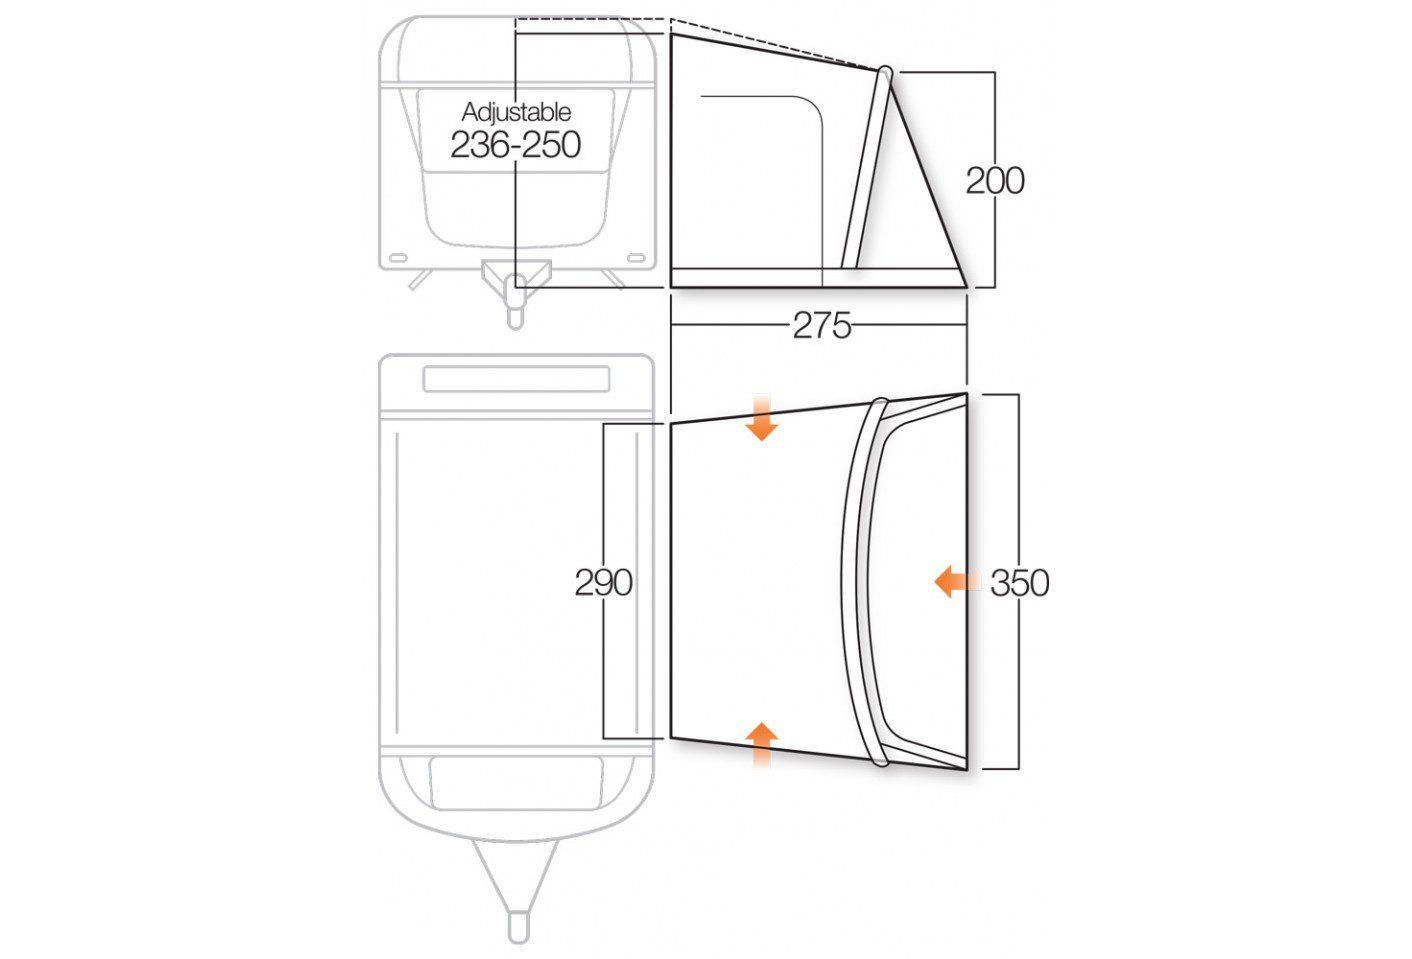 Vango Rapide II 350 awning floorplan 2018